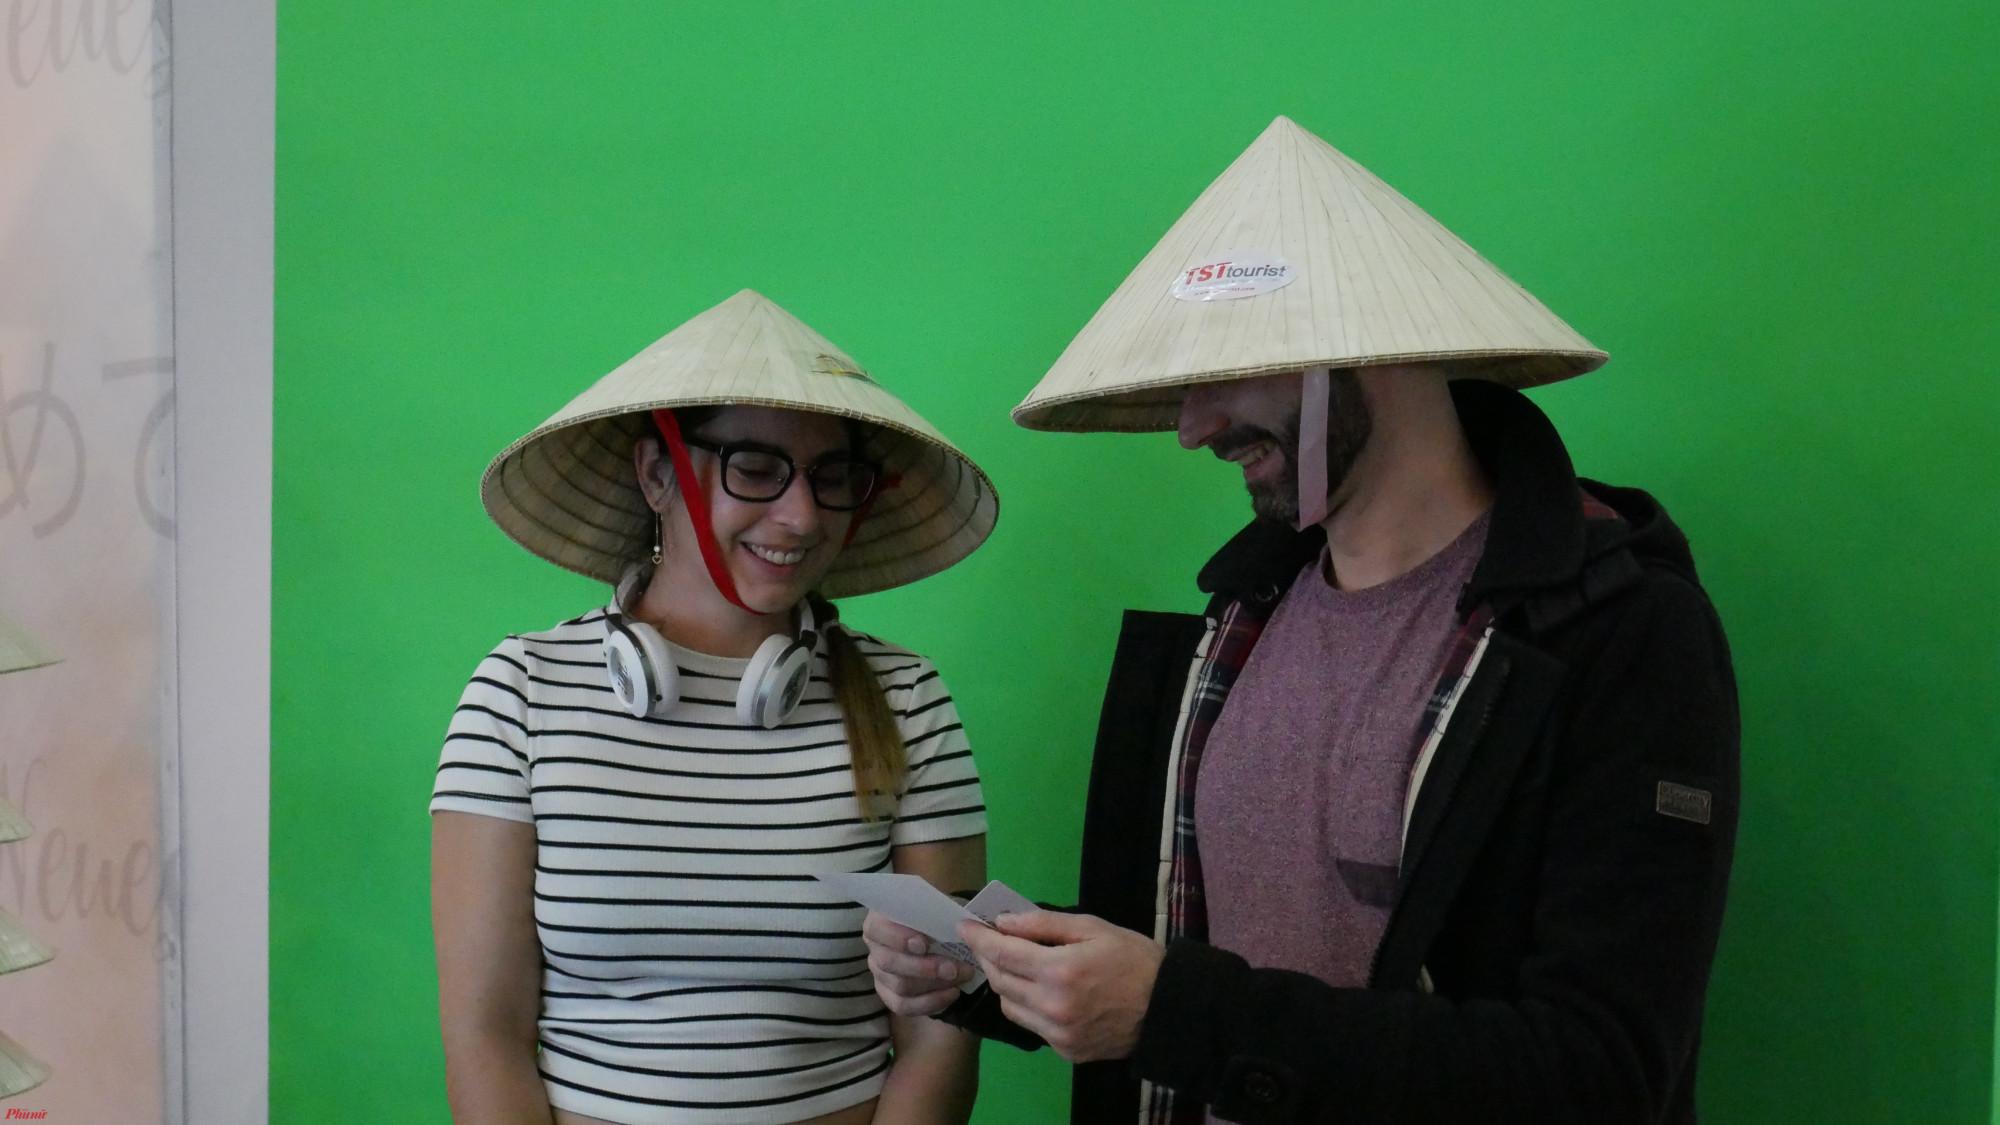 Du khách thích thú với việc được chụp hình lưu niệm tại sân bay và được tặng chiếc nón lá.